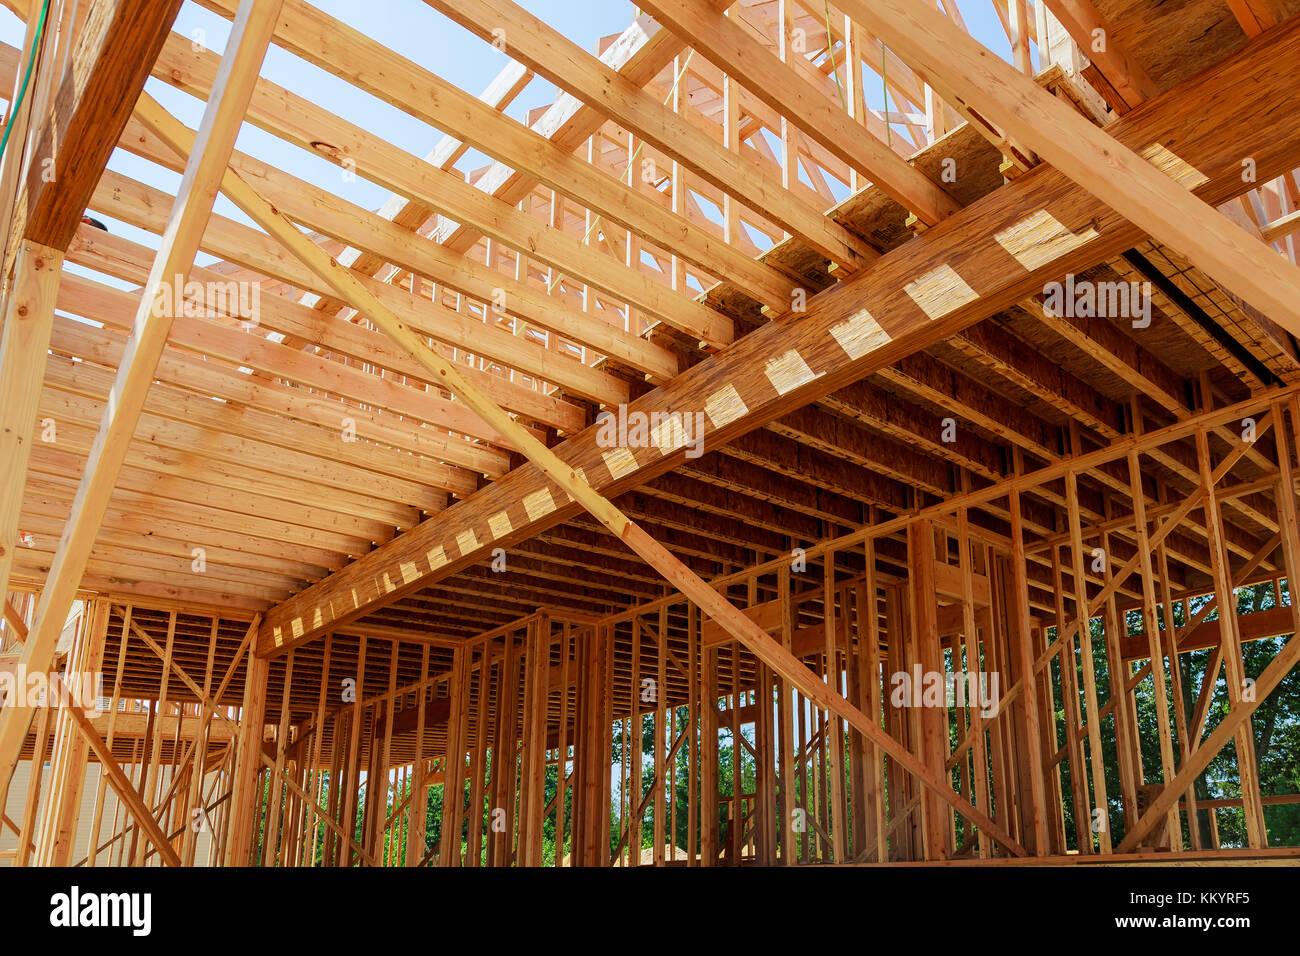 Timber Roof Truss Stockfotos & Timber Roof Truss Bilder - Seite 3 ...